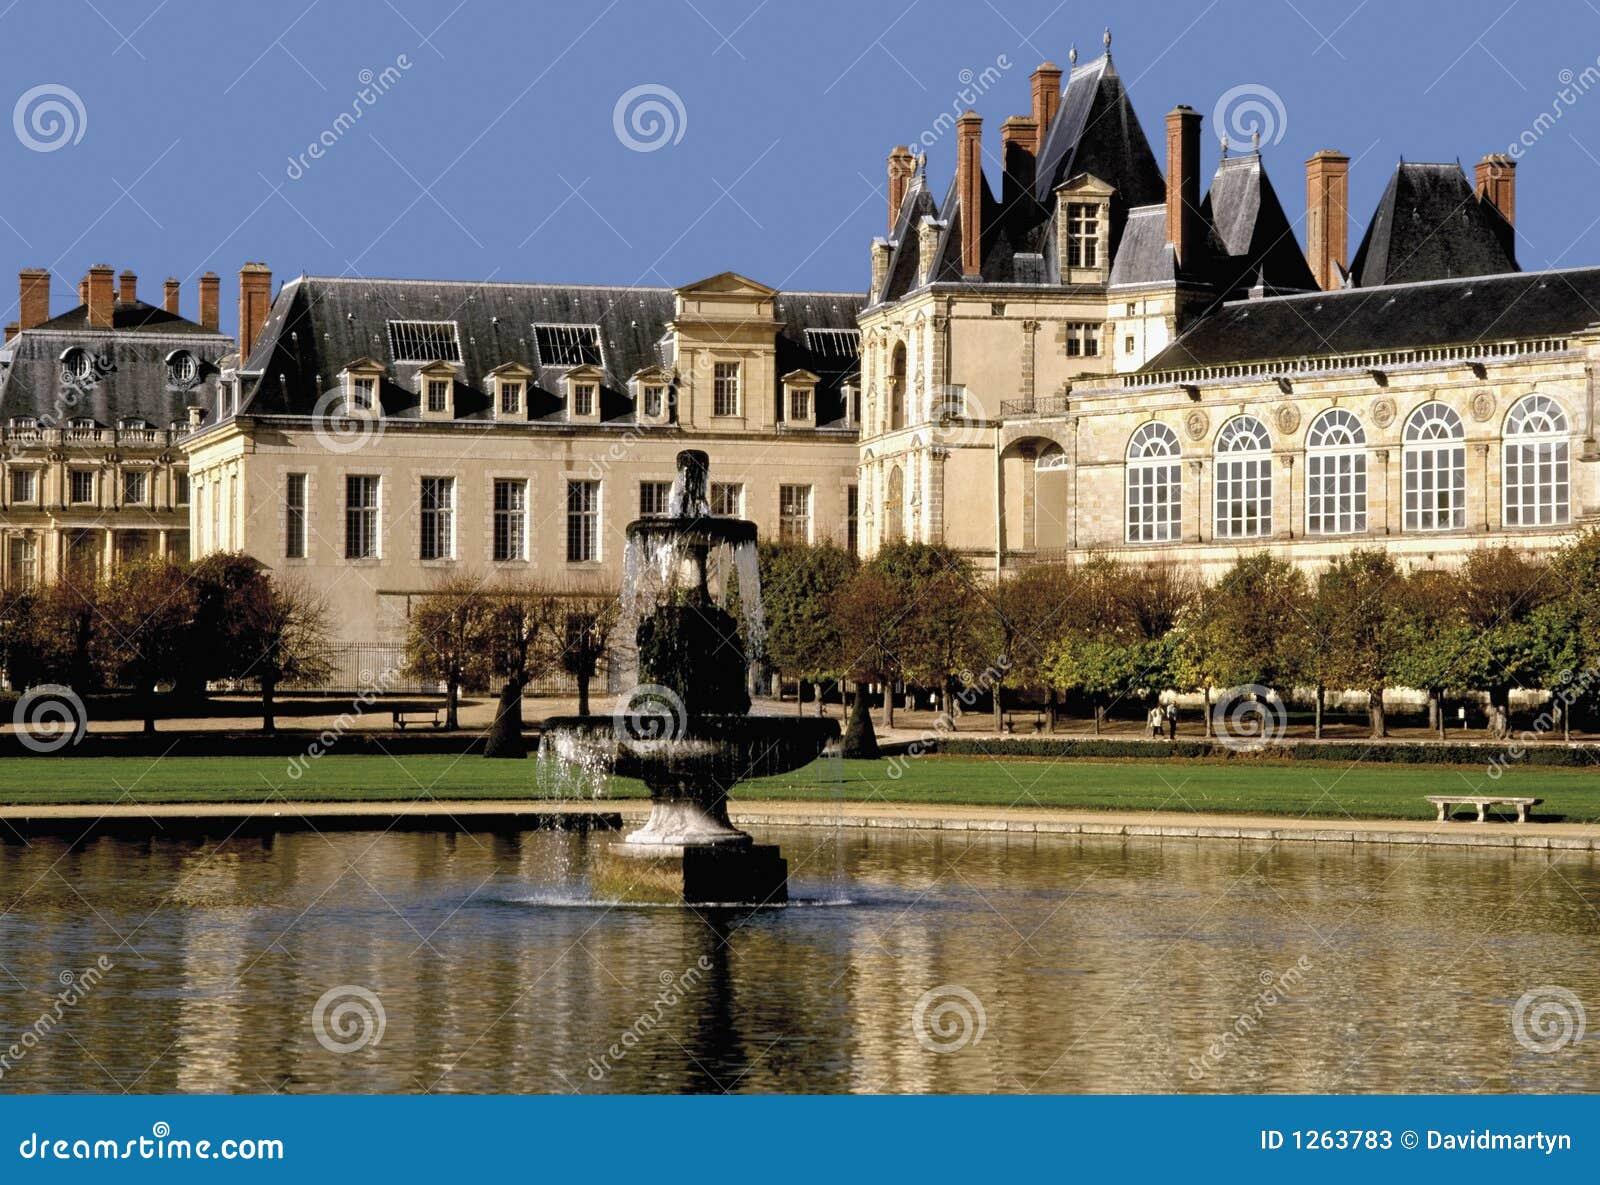 Win Palace Euro Casino French